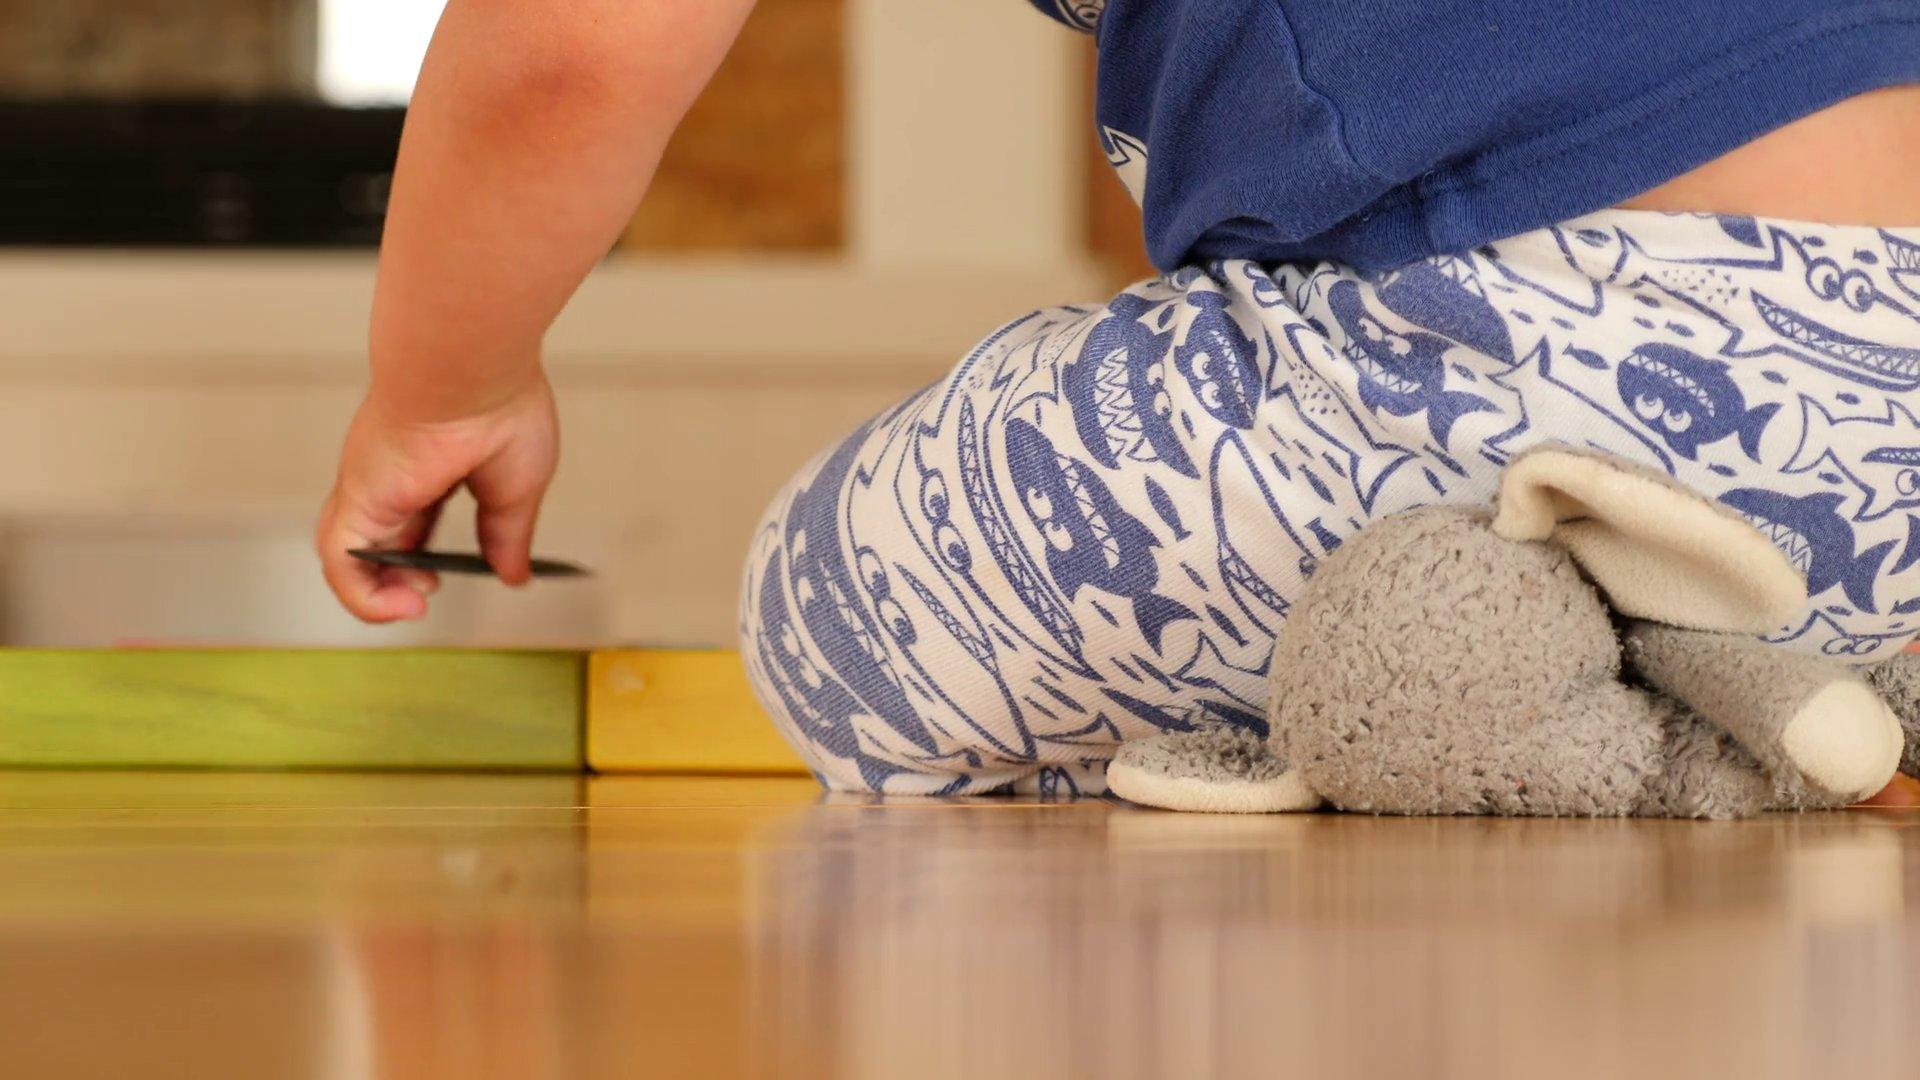 videoblocks cute toddler boy playing with blocks in home in pajamas hp2x5ahhf thumbnail full01 - Por que as vezes, algumas crianças entre 3 a 10 anos sentem muita dor nas pernas? Veja motivo: